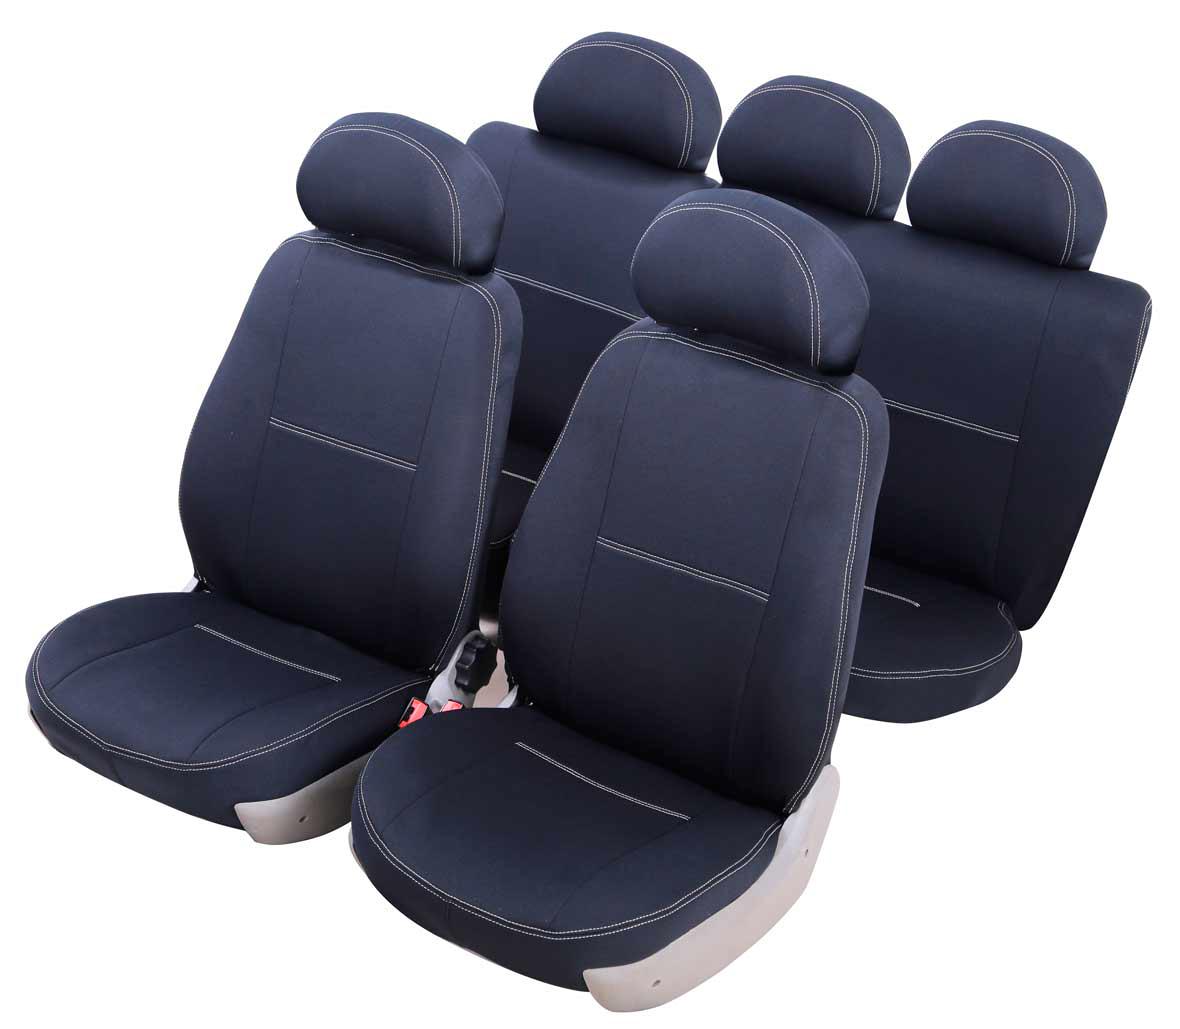 Чехол на автокресло Azard Standard, для Lada 2170 Priora (2007-н.в.), седанS01301068Модельные чехлы из полиэстера Azard Standard. Разработаны в РФ индивидуально для каждого автомобиля.Чехлы Azard Standard серийно выпускаются на собственном швейном производстве в России.Чехлы идеально повторяют штатную форму сидений и выглядят как оригинальная обивка сидений. Для простоты установки используется липучка Velcro, учтены все технологические отверстия.Чехлы сохраняют полную функциональность салона – трасформация сидений, возможность установки детских кресел ISOFIX, не препятствуют работе подушек безопасности AIRBAG и подогрева сидений.Дизайн чехлов Azard Standard приближен к оригинальной обивке салона. Декоративная контрастная прострочка по периметру авточехлов придает стильный и изысканный внешний вид интерьеру автомобиля.Чехлы Azard Standard изготовлены из полиэстера, триплированного огнеупорным поролоном толщиной 3 мм, за счет чего чехол приобретает дополнительную мягкость. Подложка из спандбонда сохраняет свойства поролона и предотвращает его разрушение.Авточехлы Azard Standard просты в уходе – загрязнения легко удаляются влажной тканью.